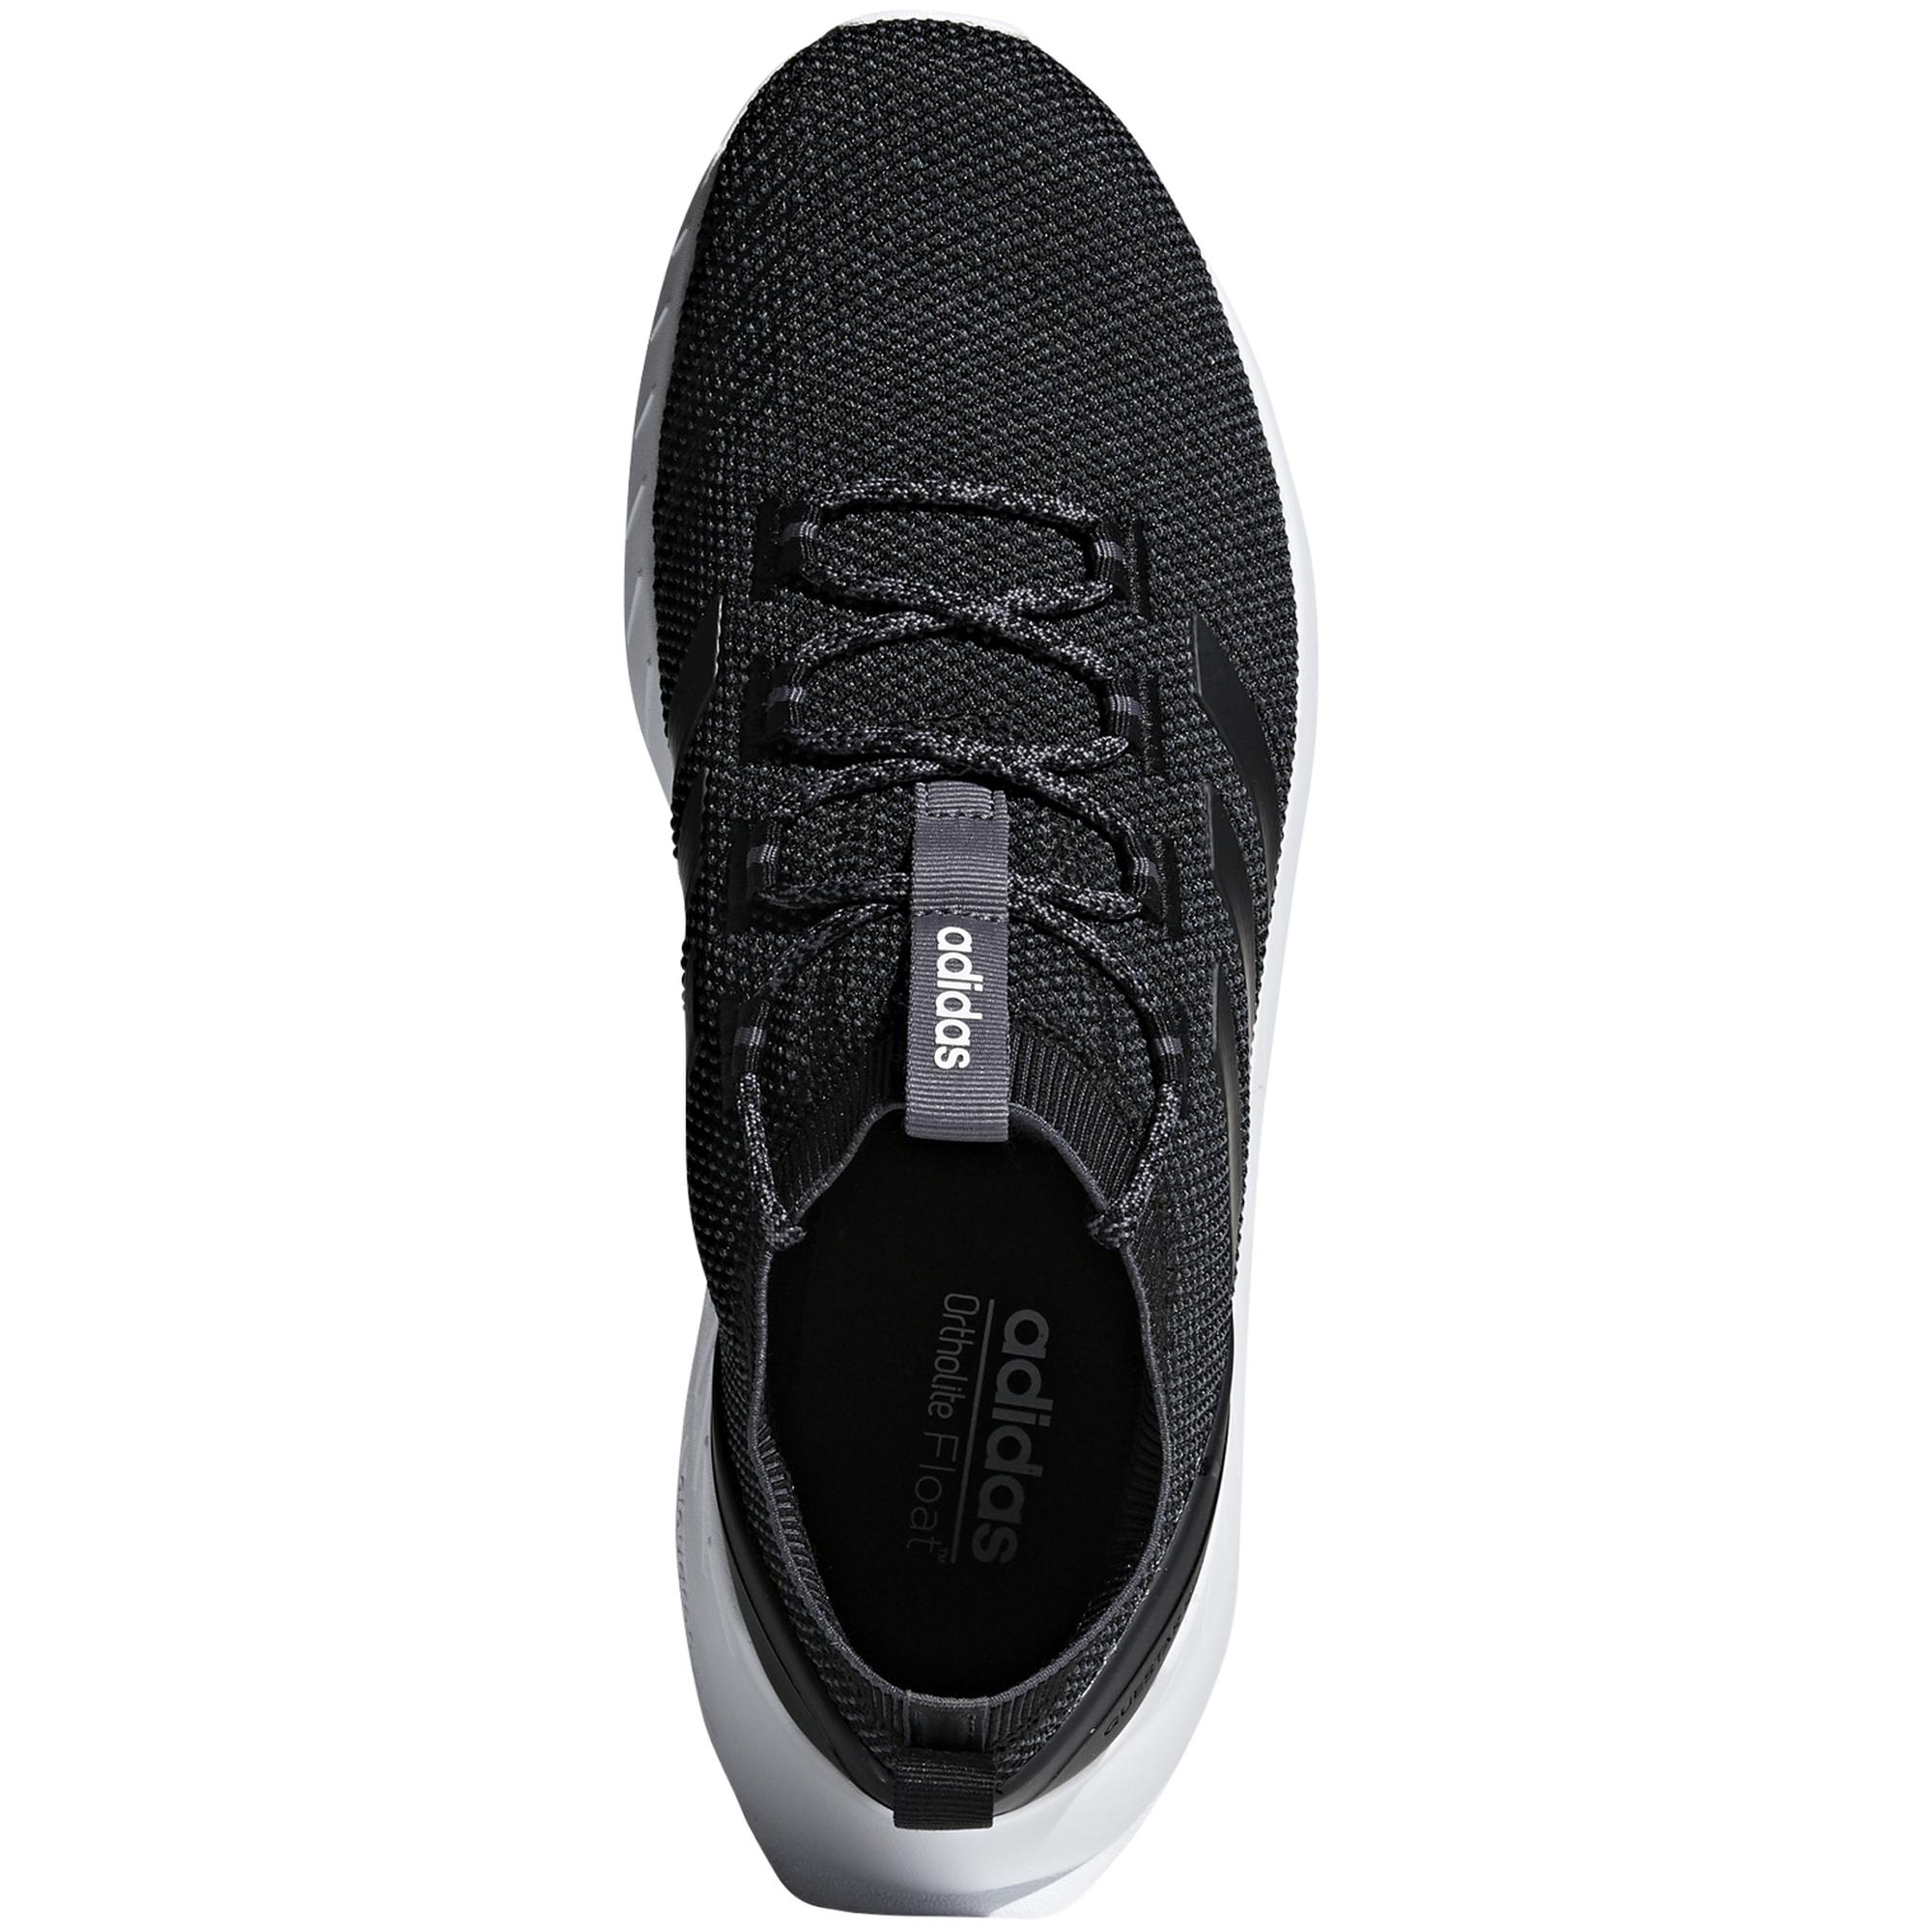 Adidas Freizeitschuh Questar Rise Schuh | Online kaufen